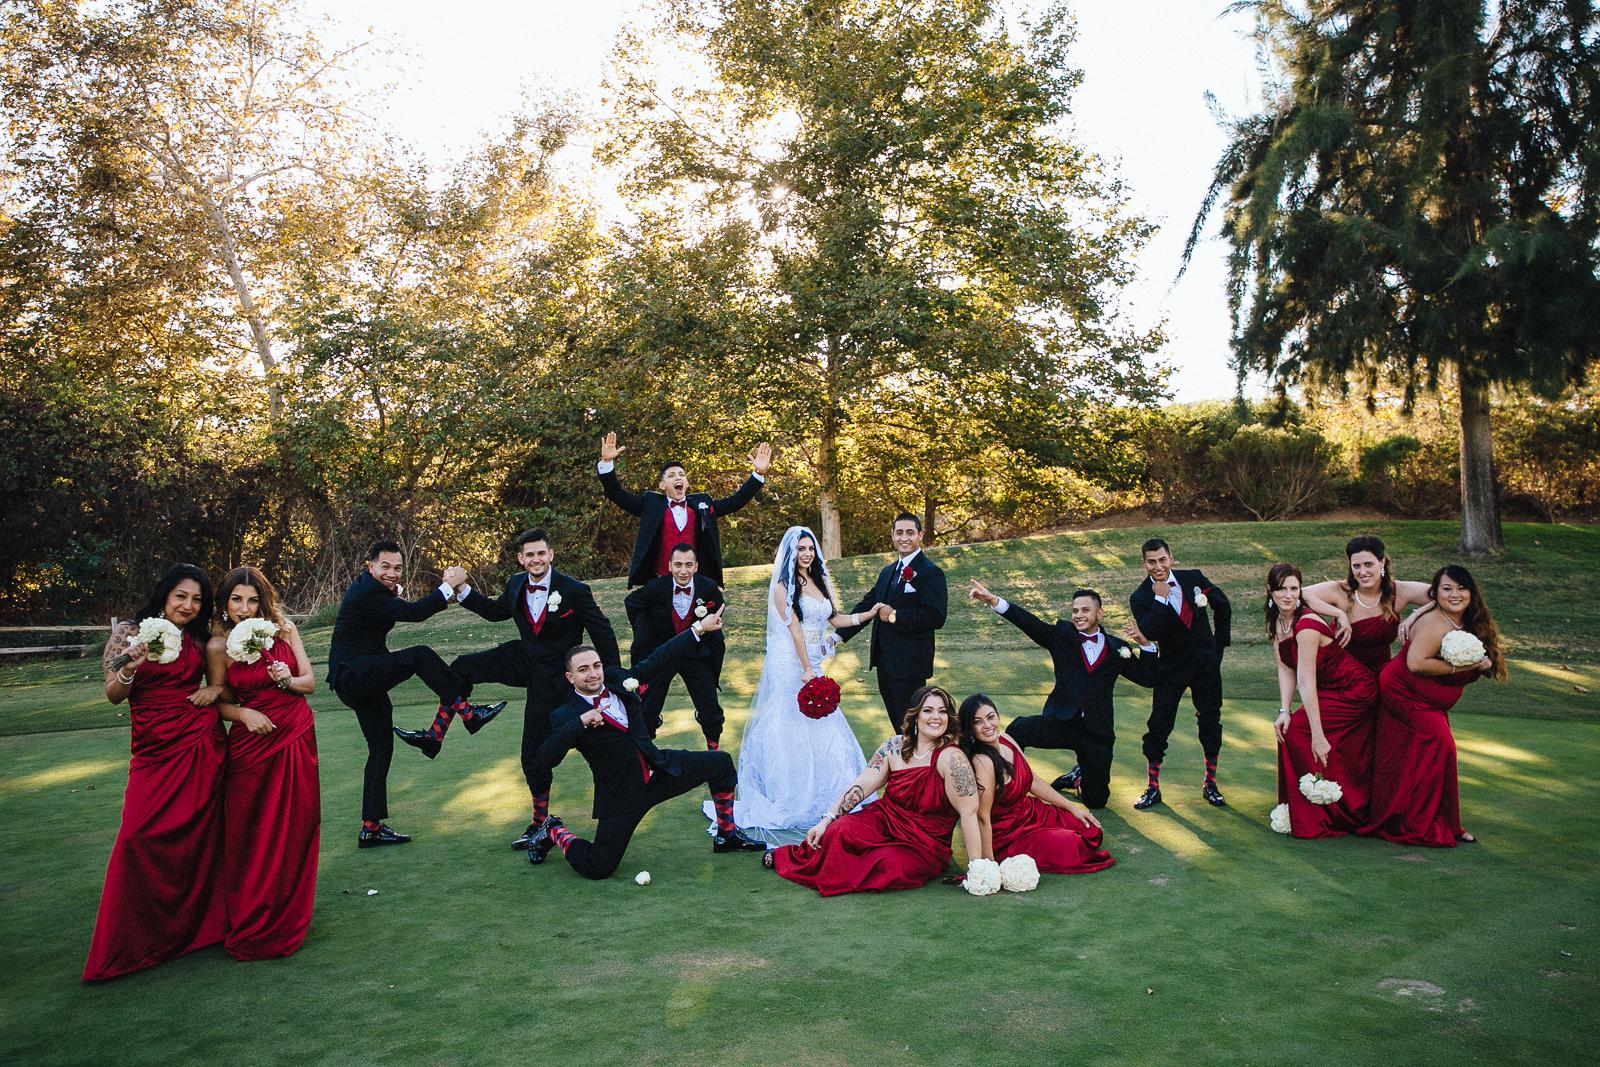 STACIE_&_JESUS_WEDDING_WEDGEWOOD_FALLBROOK_2015_2015_IMG_4439.JPG